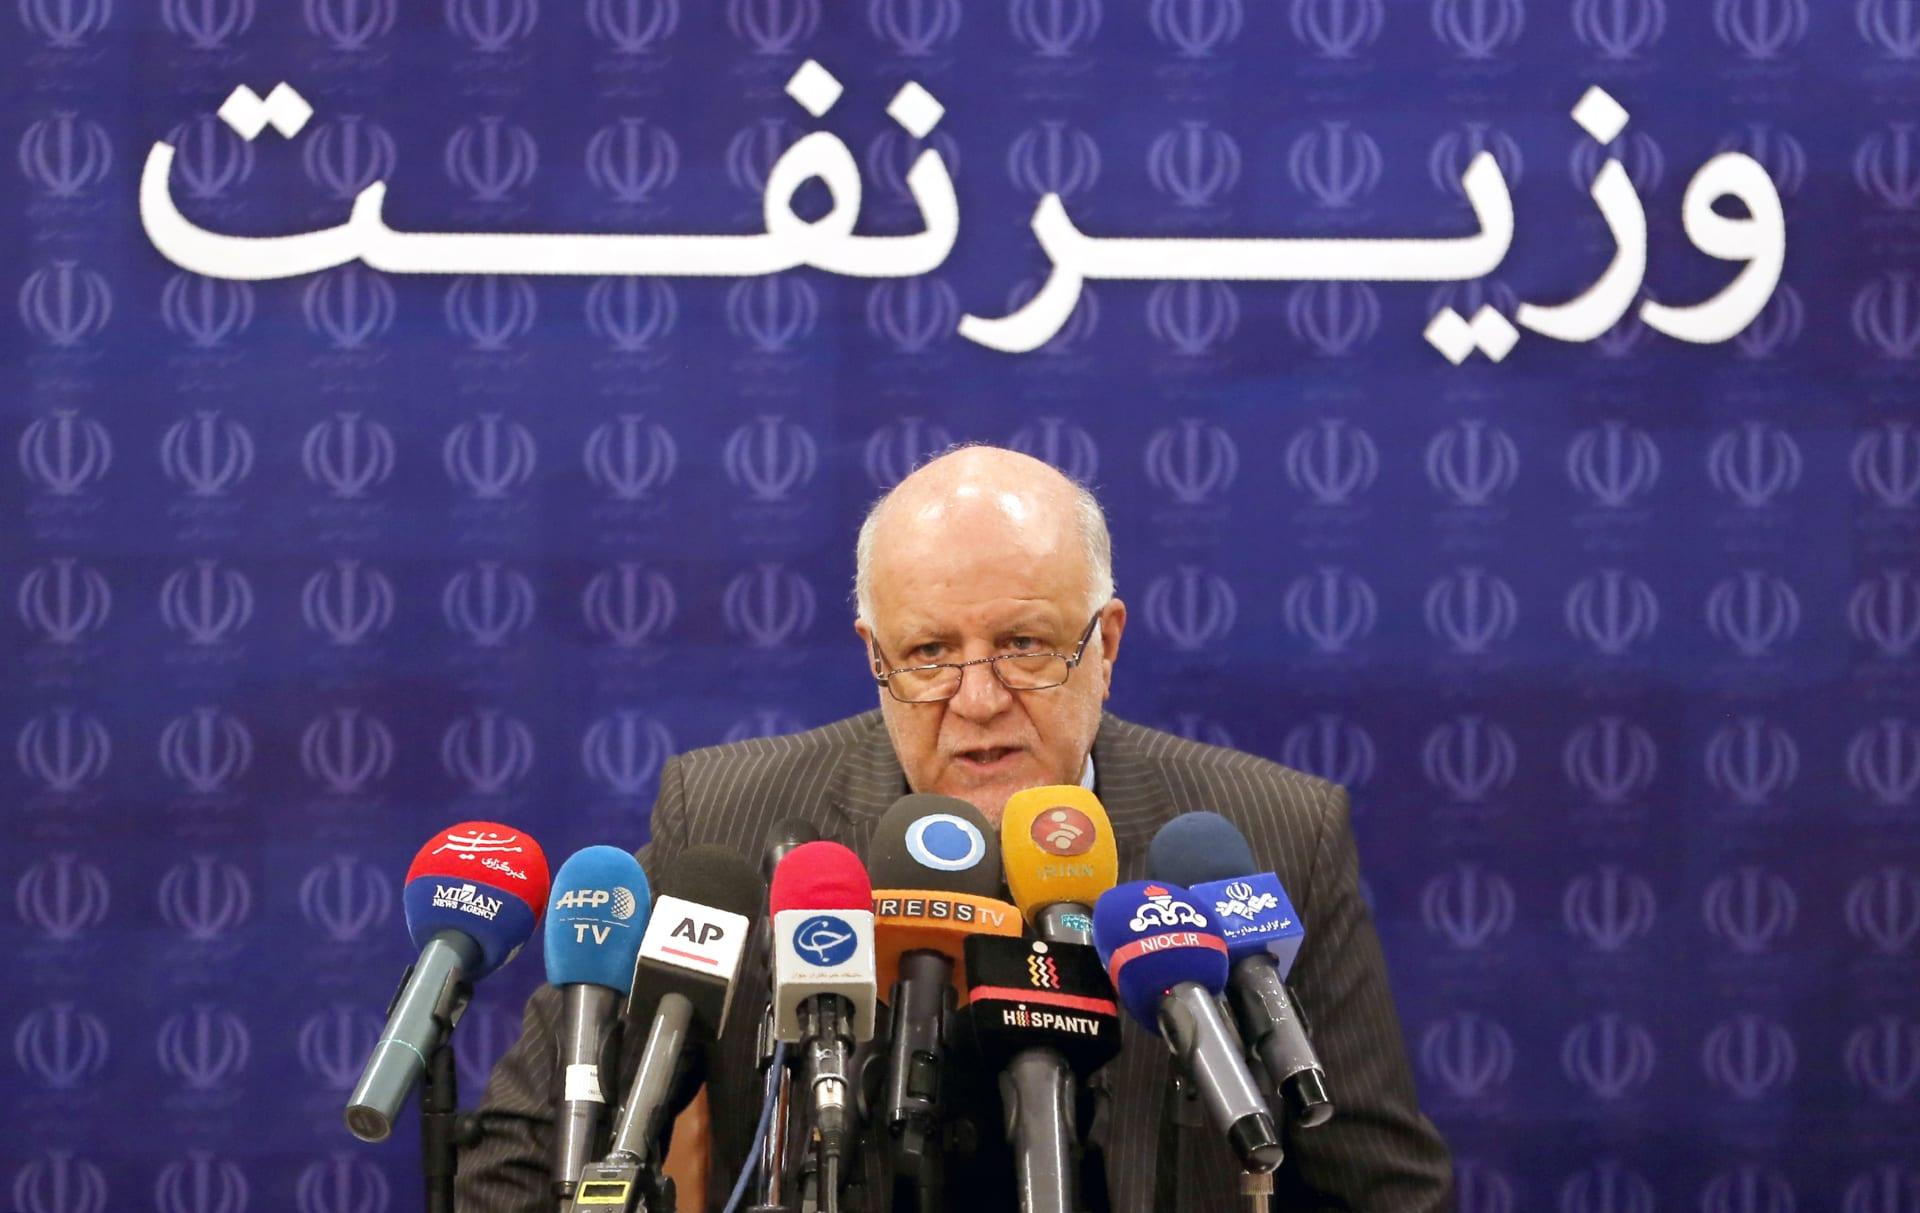 وزيرالنفط الإيراني: تفوقنا على قطر في إنتاج الغاز